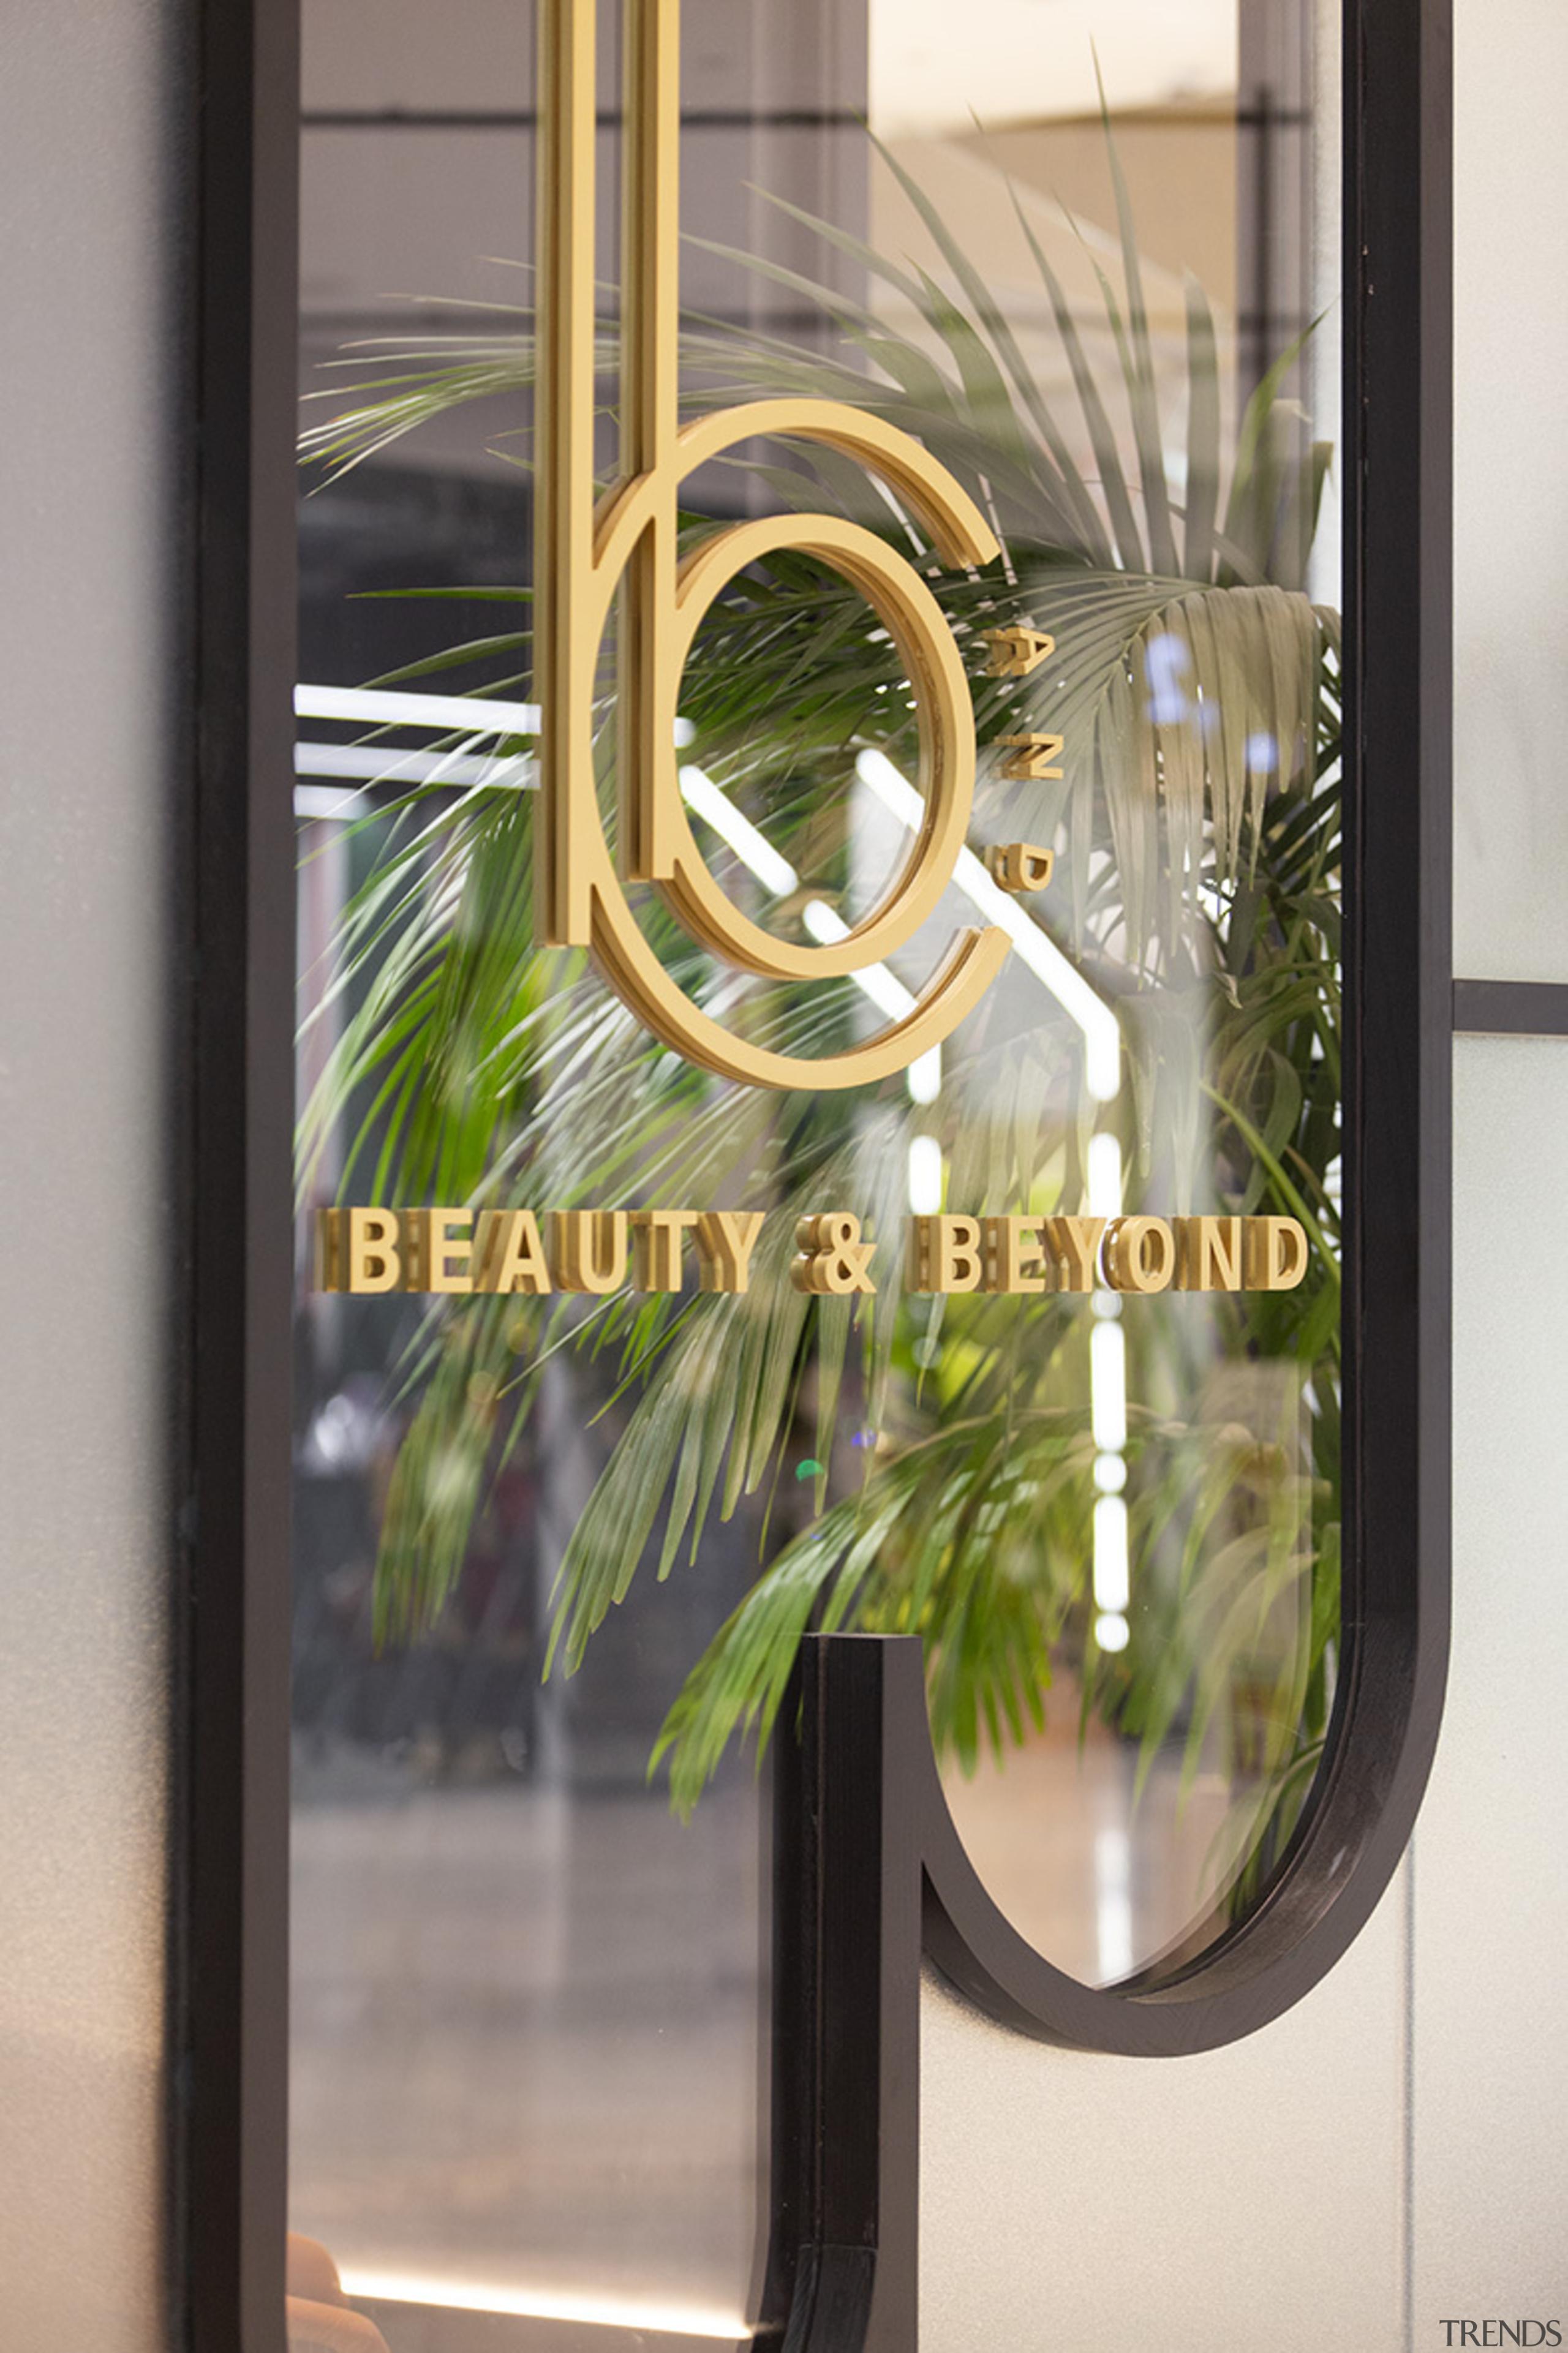 Spaceworks also designed the logo for the new door, door handle, glass, metal, mirror, window, gray